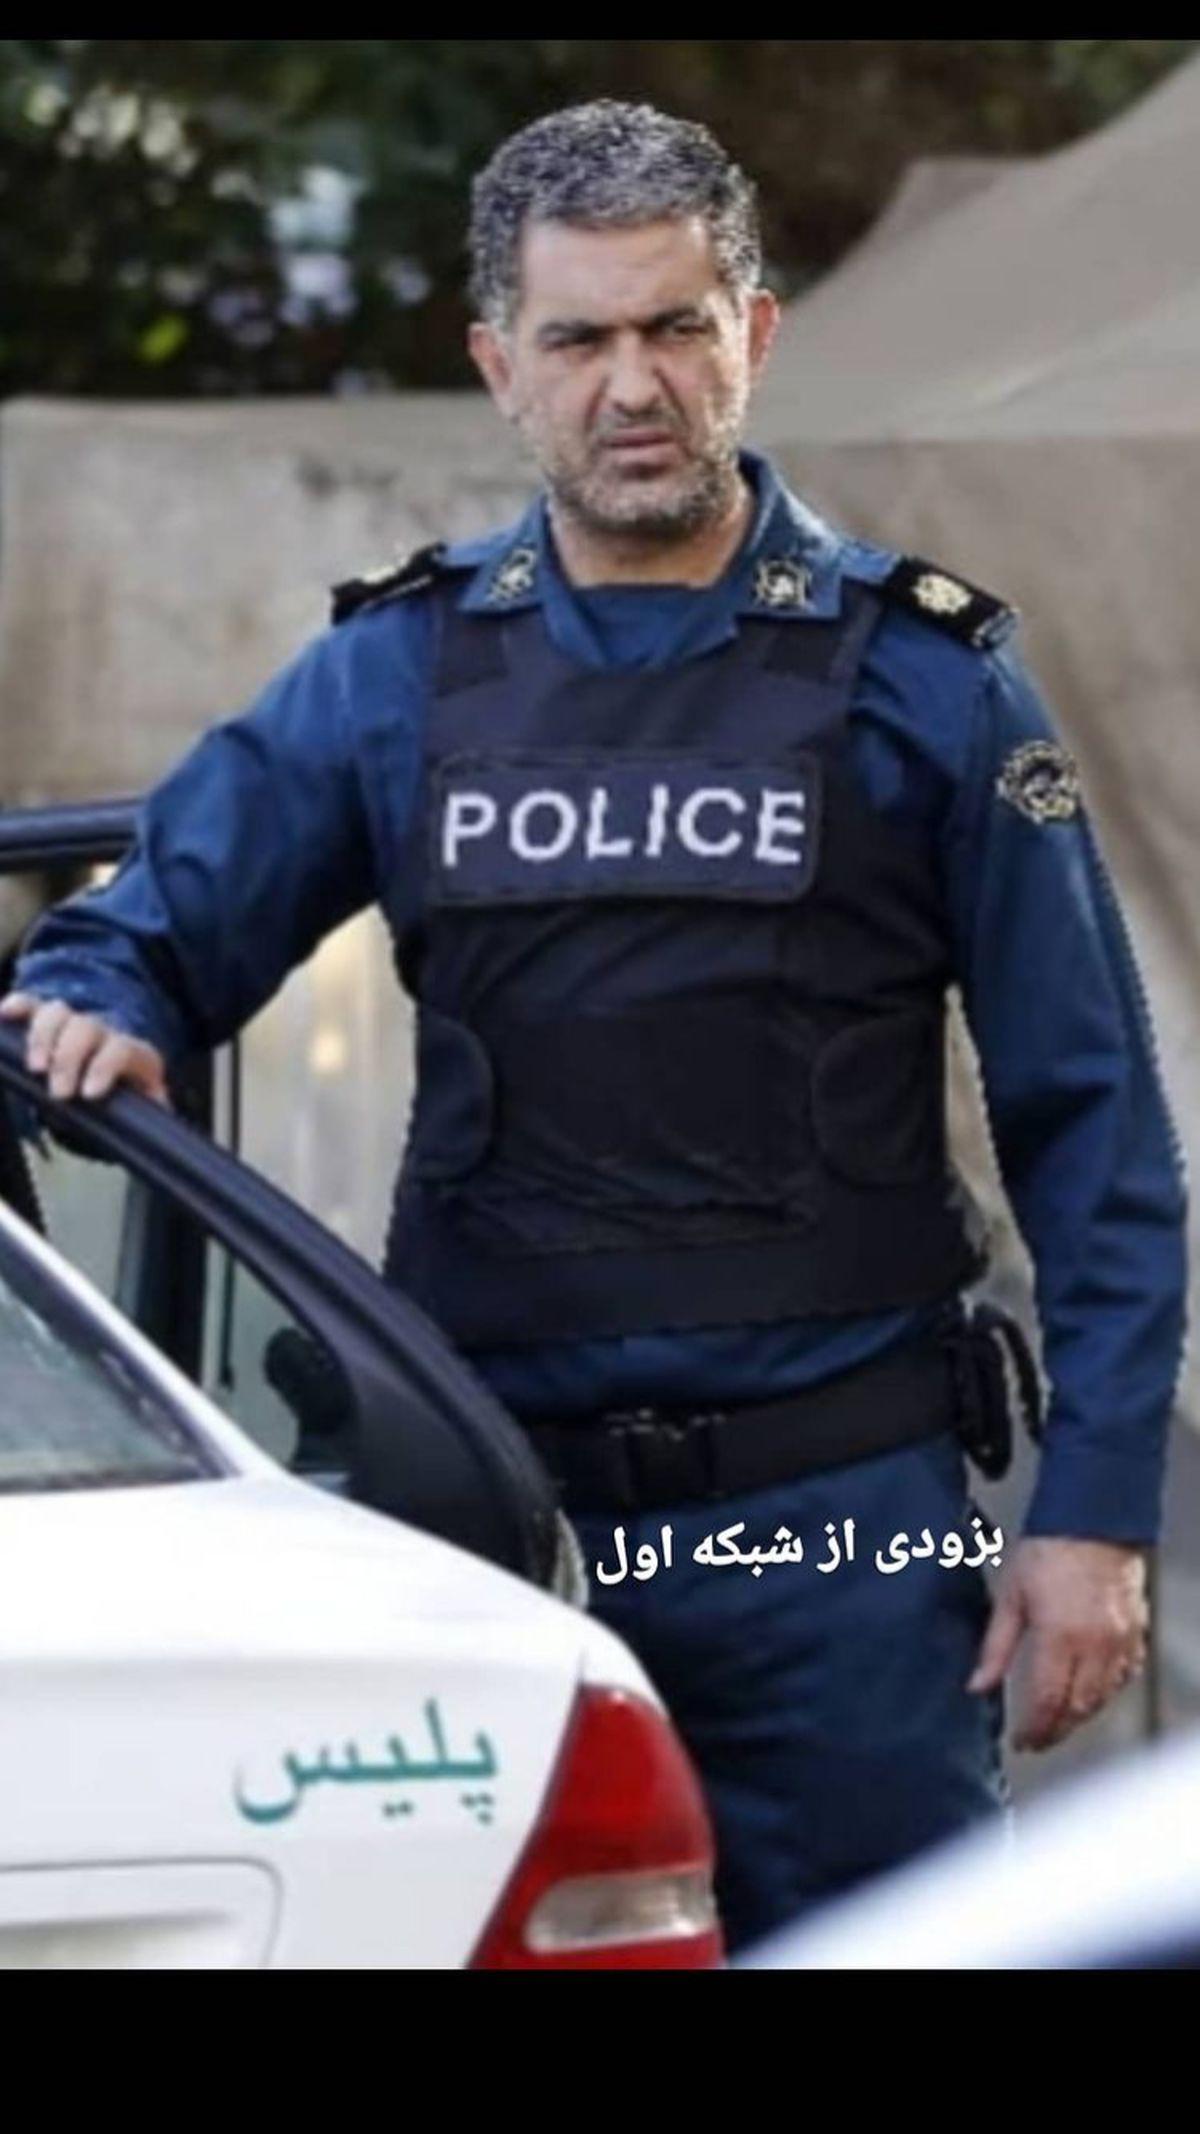 مهدی امینی خواه در لباس پلیس + عکس